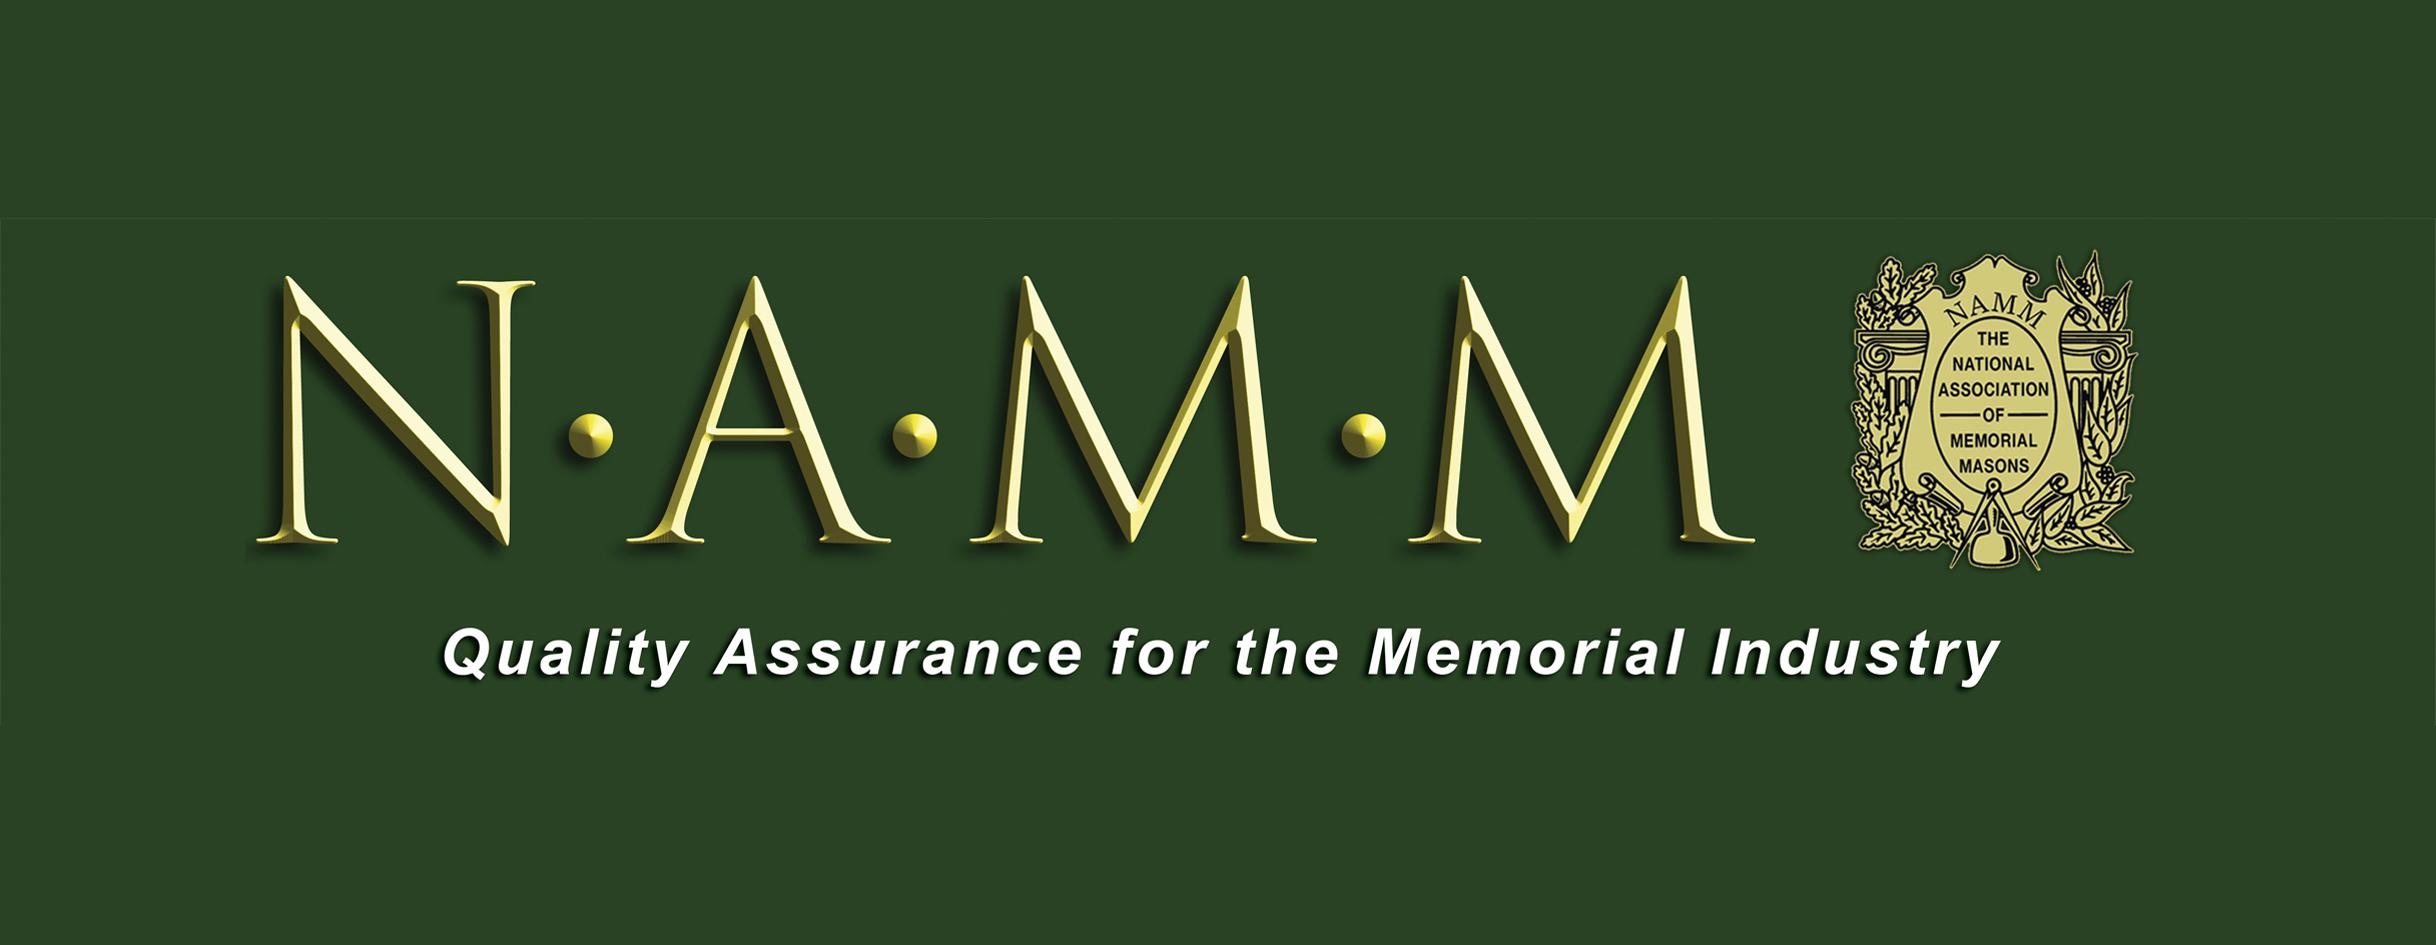 namm-logo2.jpg